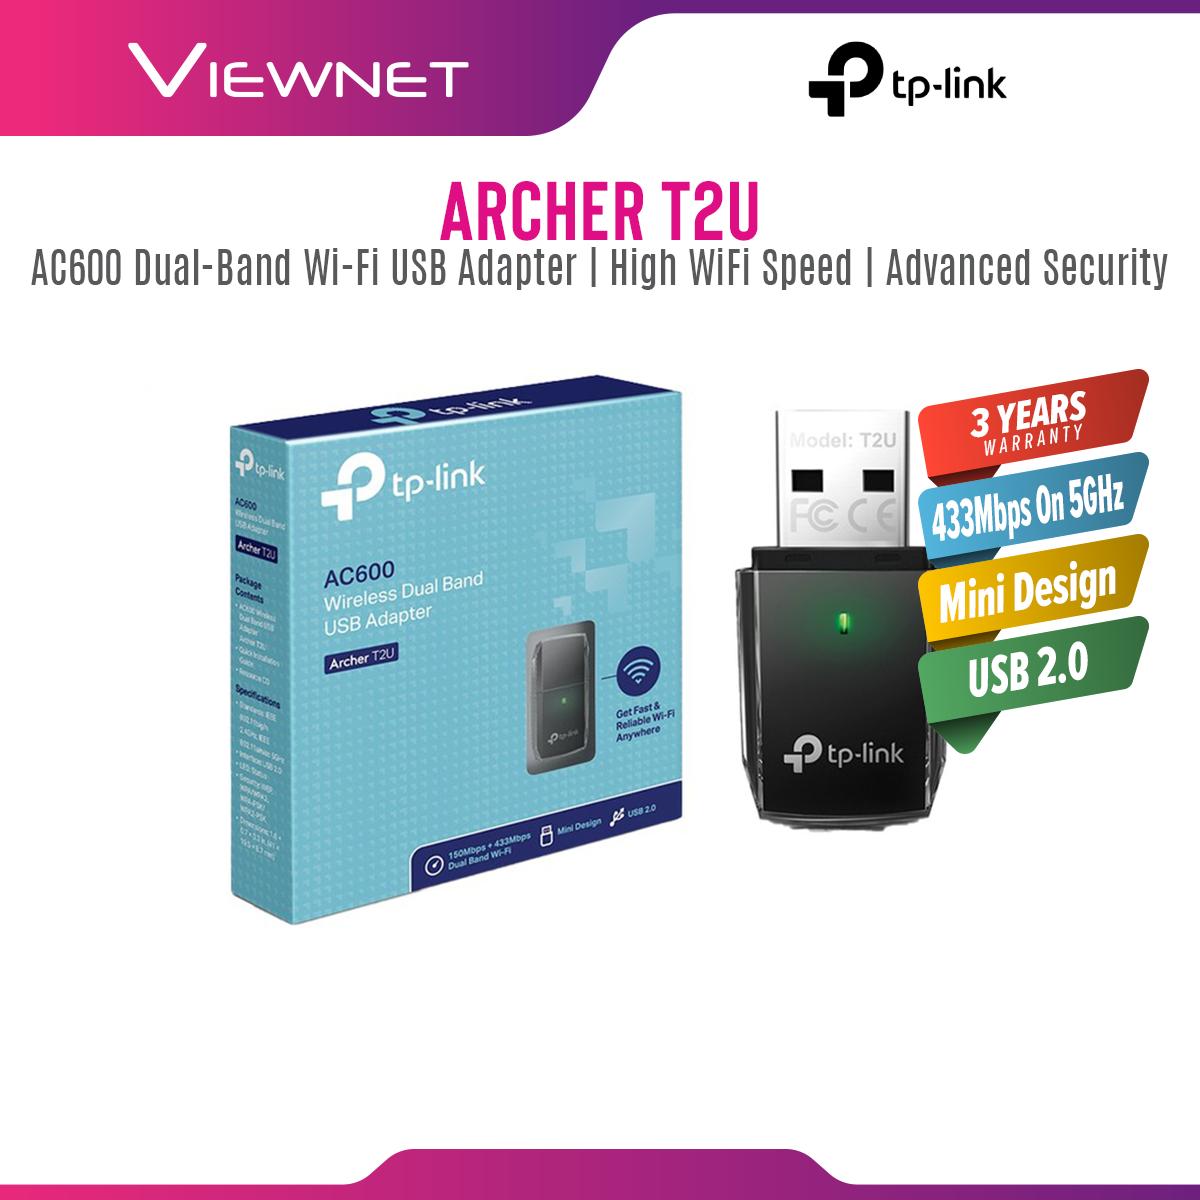 TP Link - AC600 Mini Wireless Dual Band USB WiFi Adapter, Archer T2U